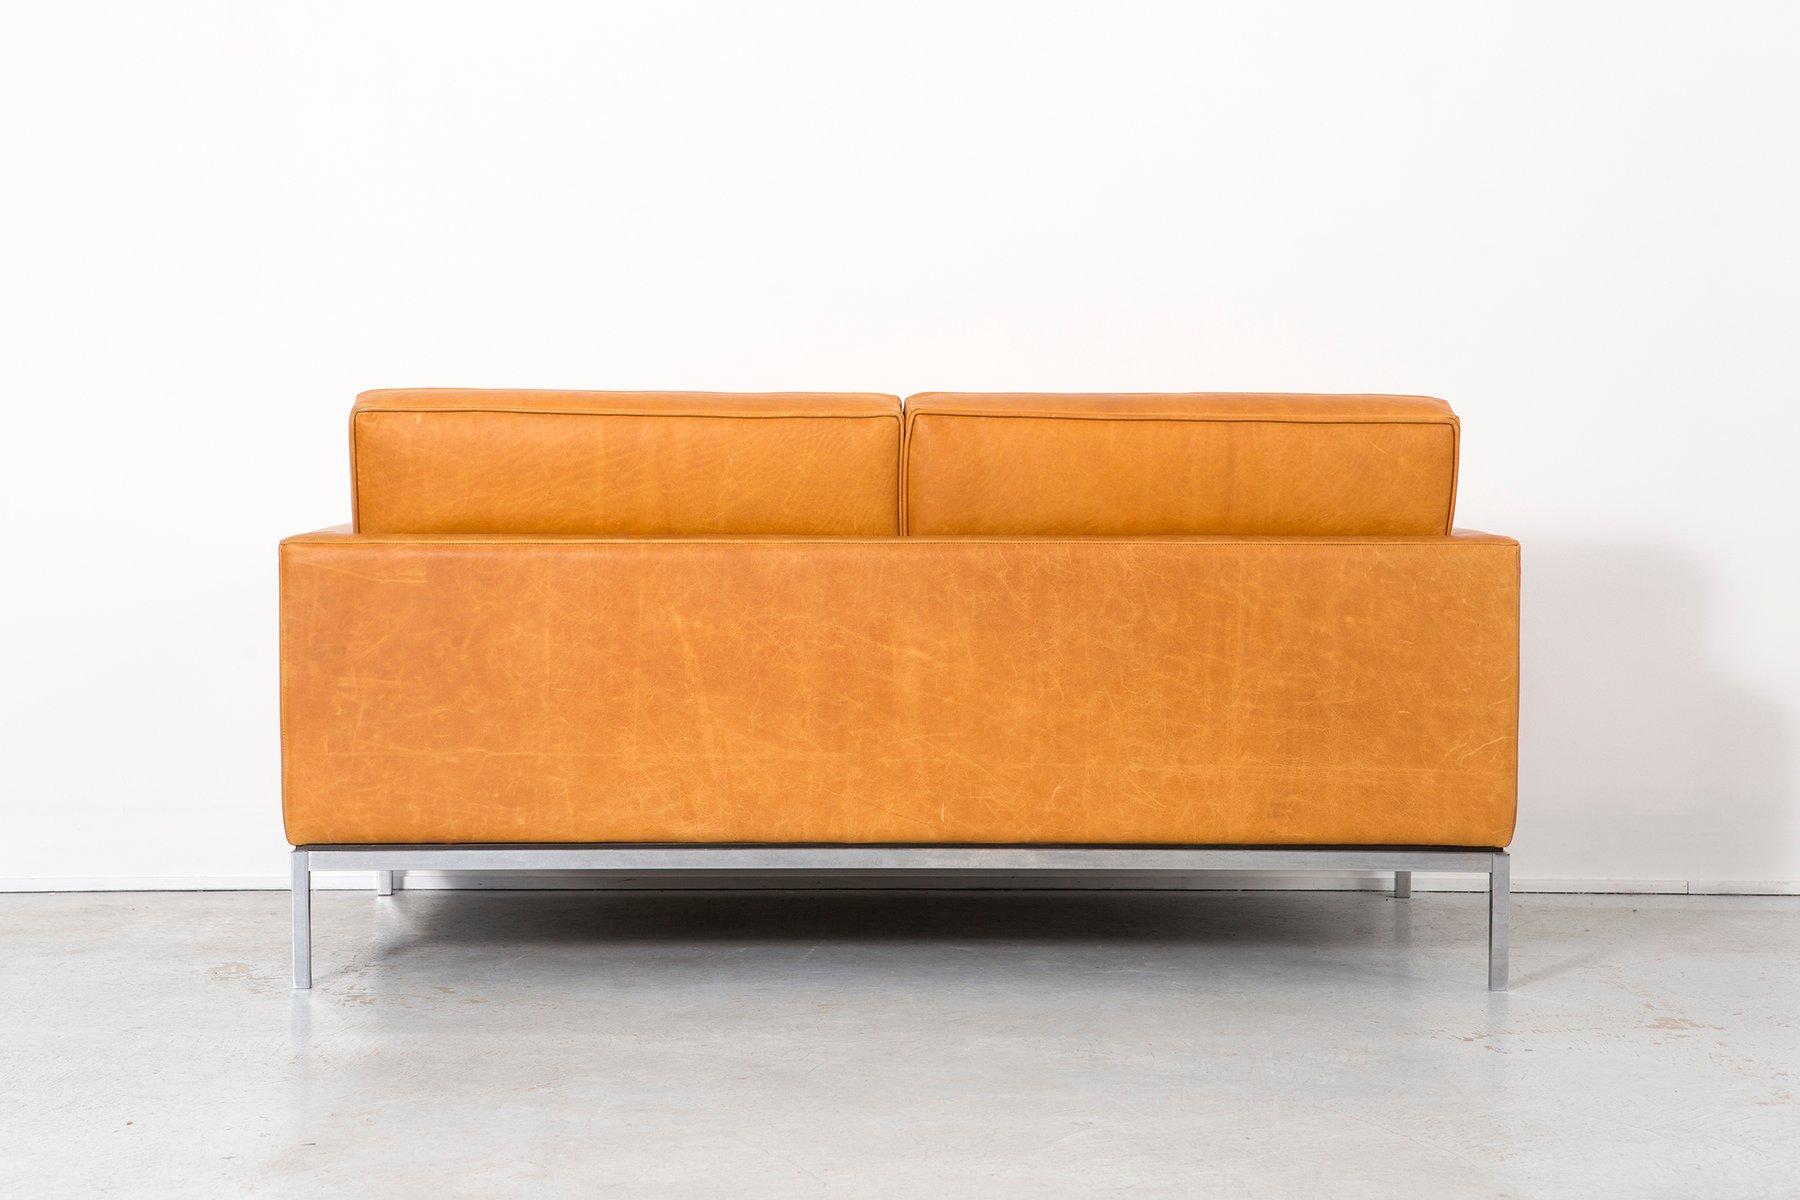 canap en cuir par florence knoll bassett pour knoll 1970s en vente sur pamono. Black Bedroom Furniture Sets. Home Design Ideas